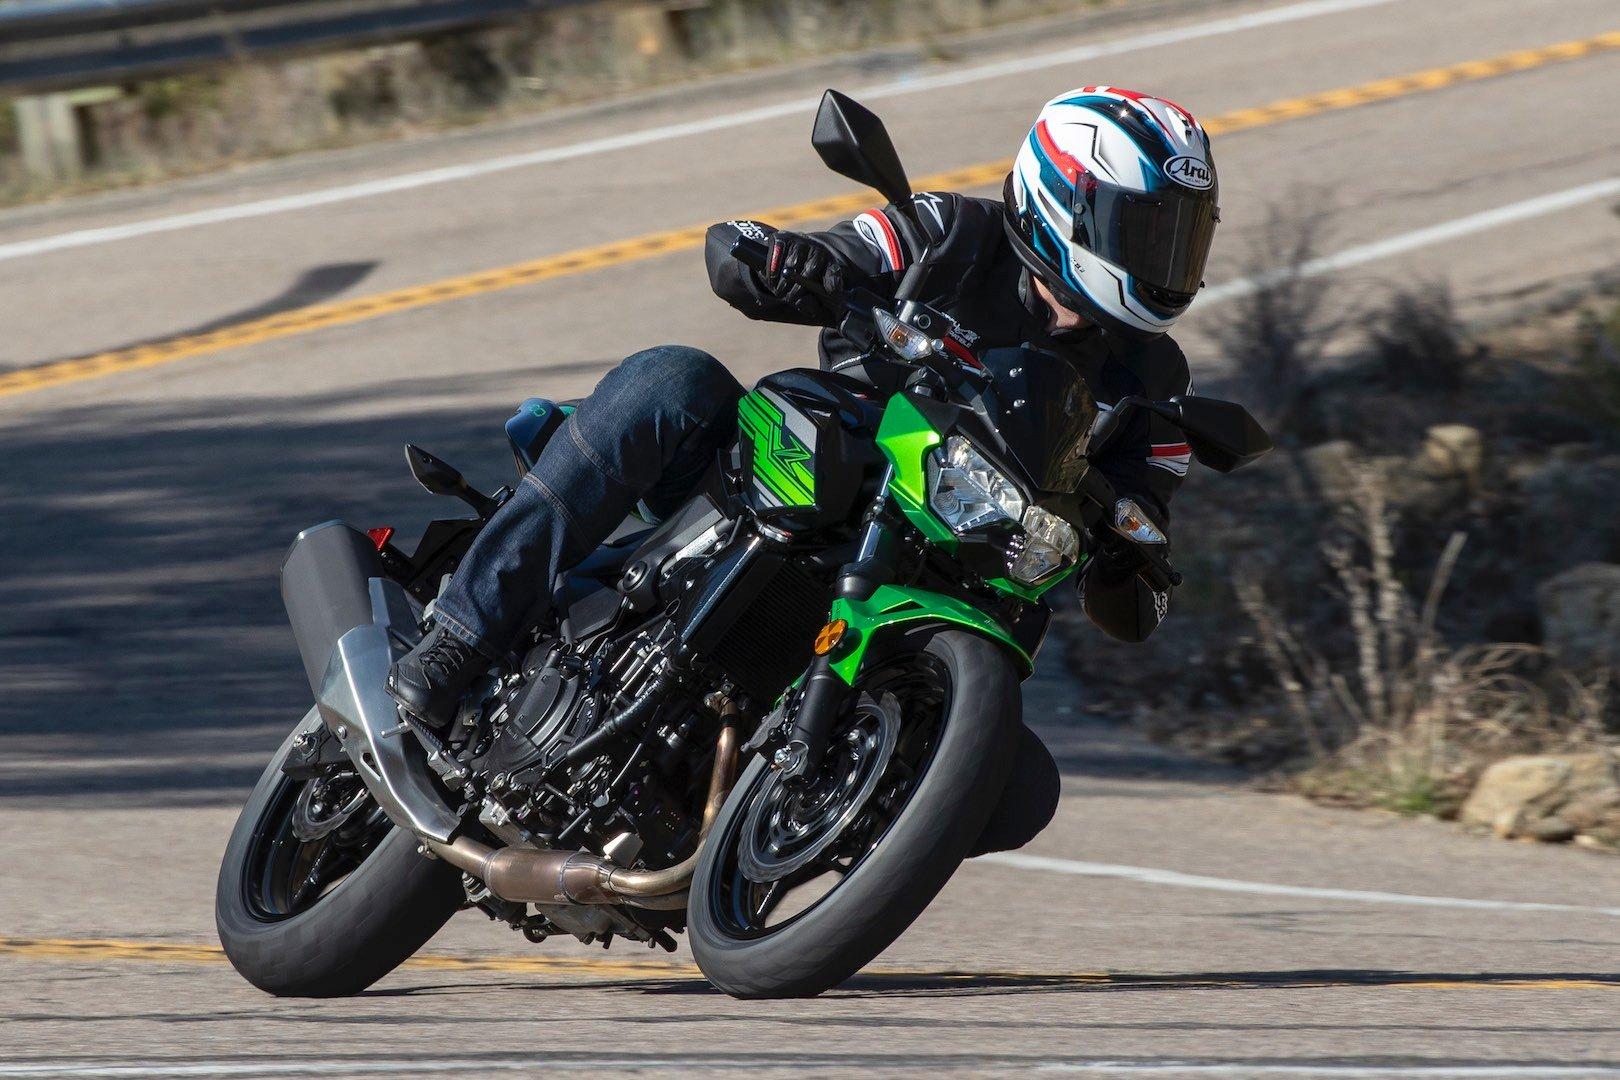 2019 Kawasaki Z400 ABS Review (14 Fast Facts)